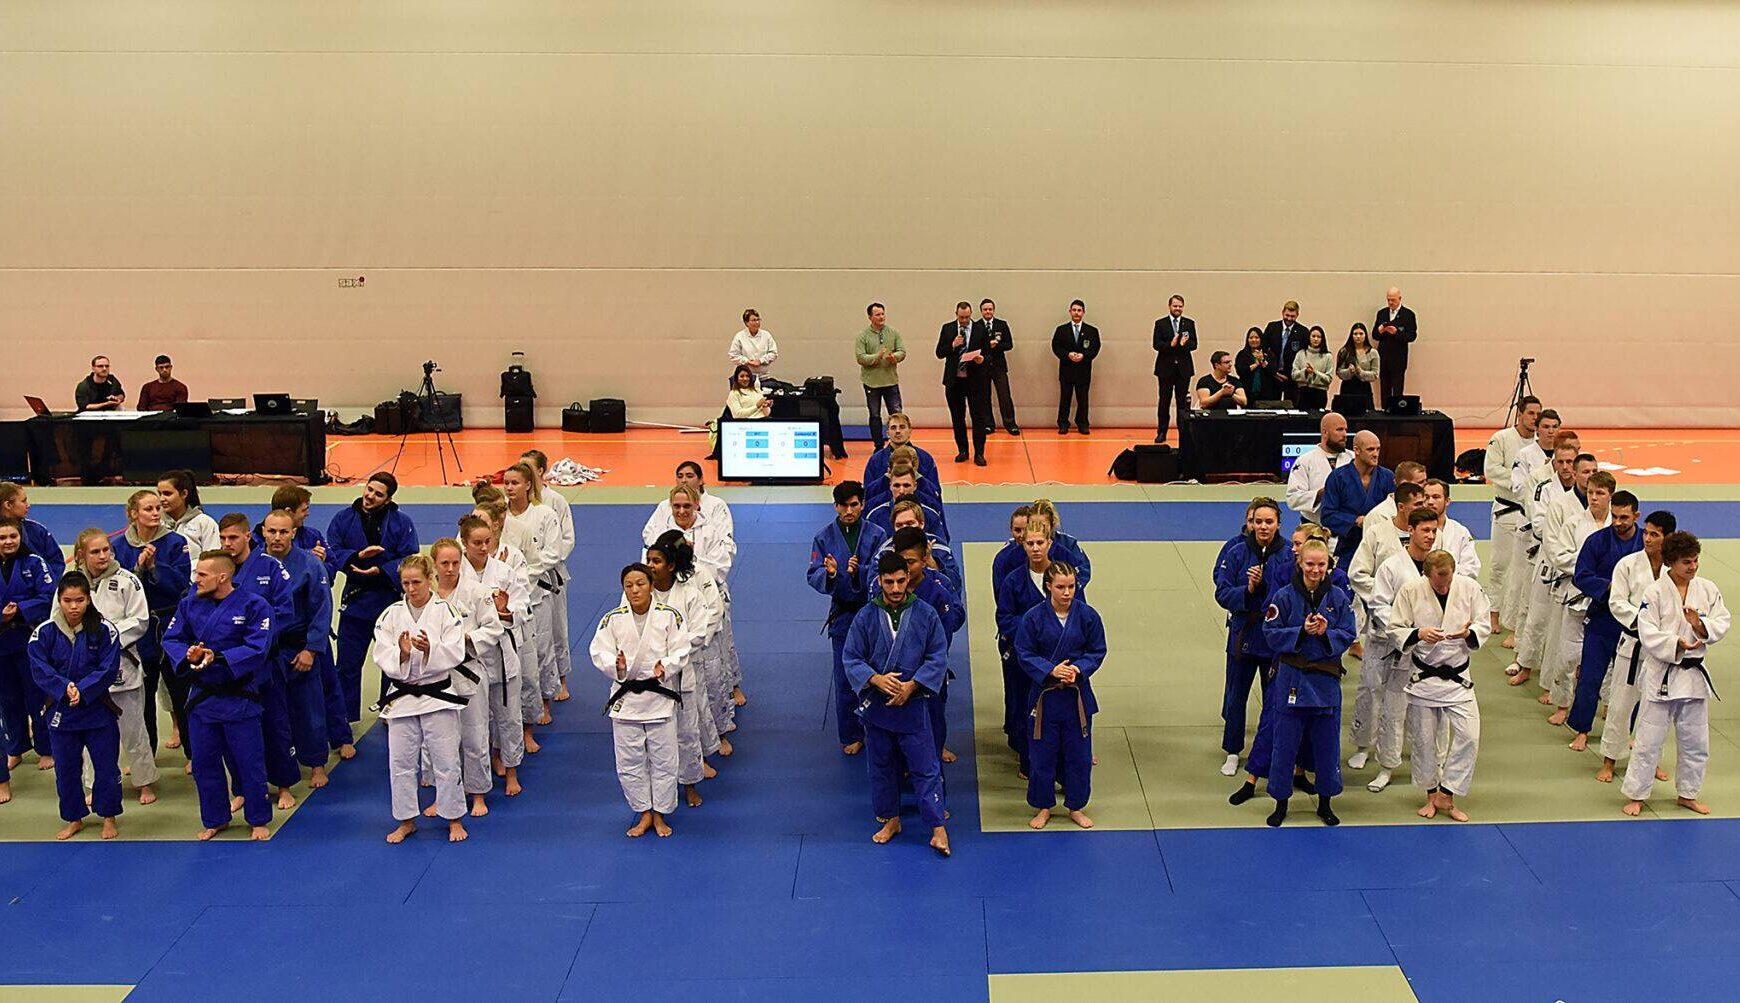 Tävlande står uppställda på judomattan i rader i sina lag.